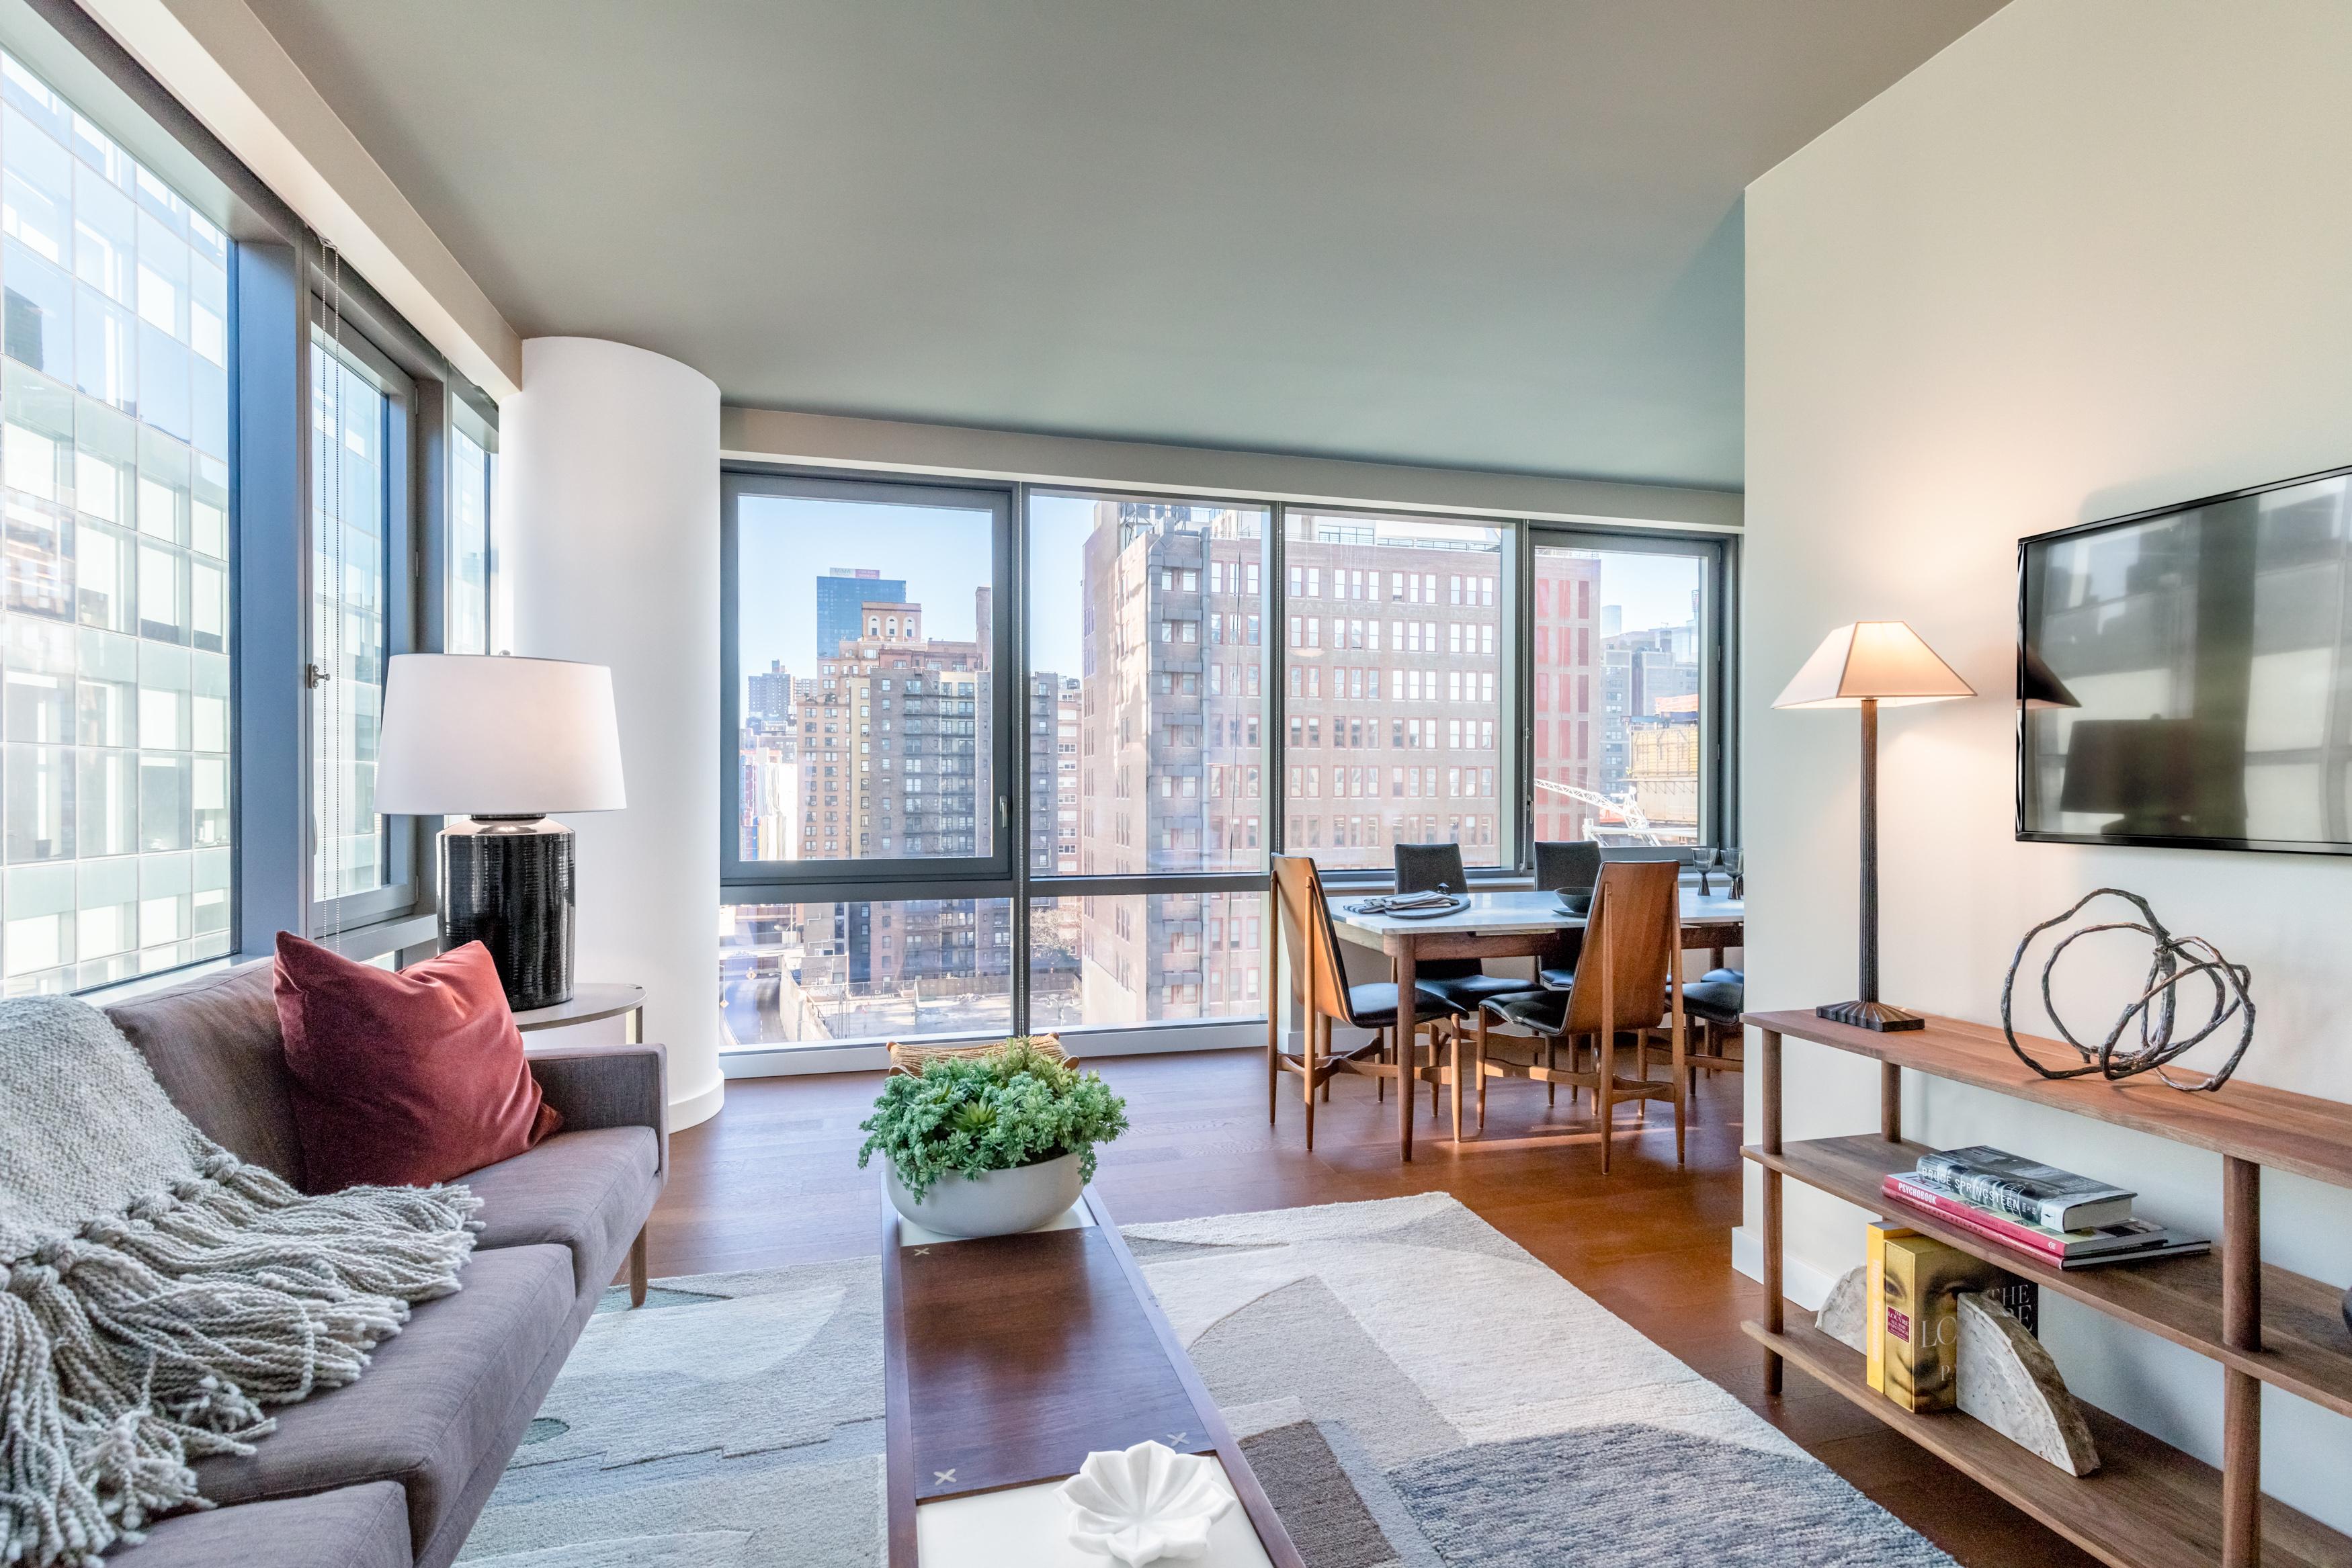 Manhattan studio apartments loft apartment one bedroom for One bedroom apartments manhattan ks